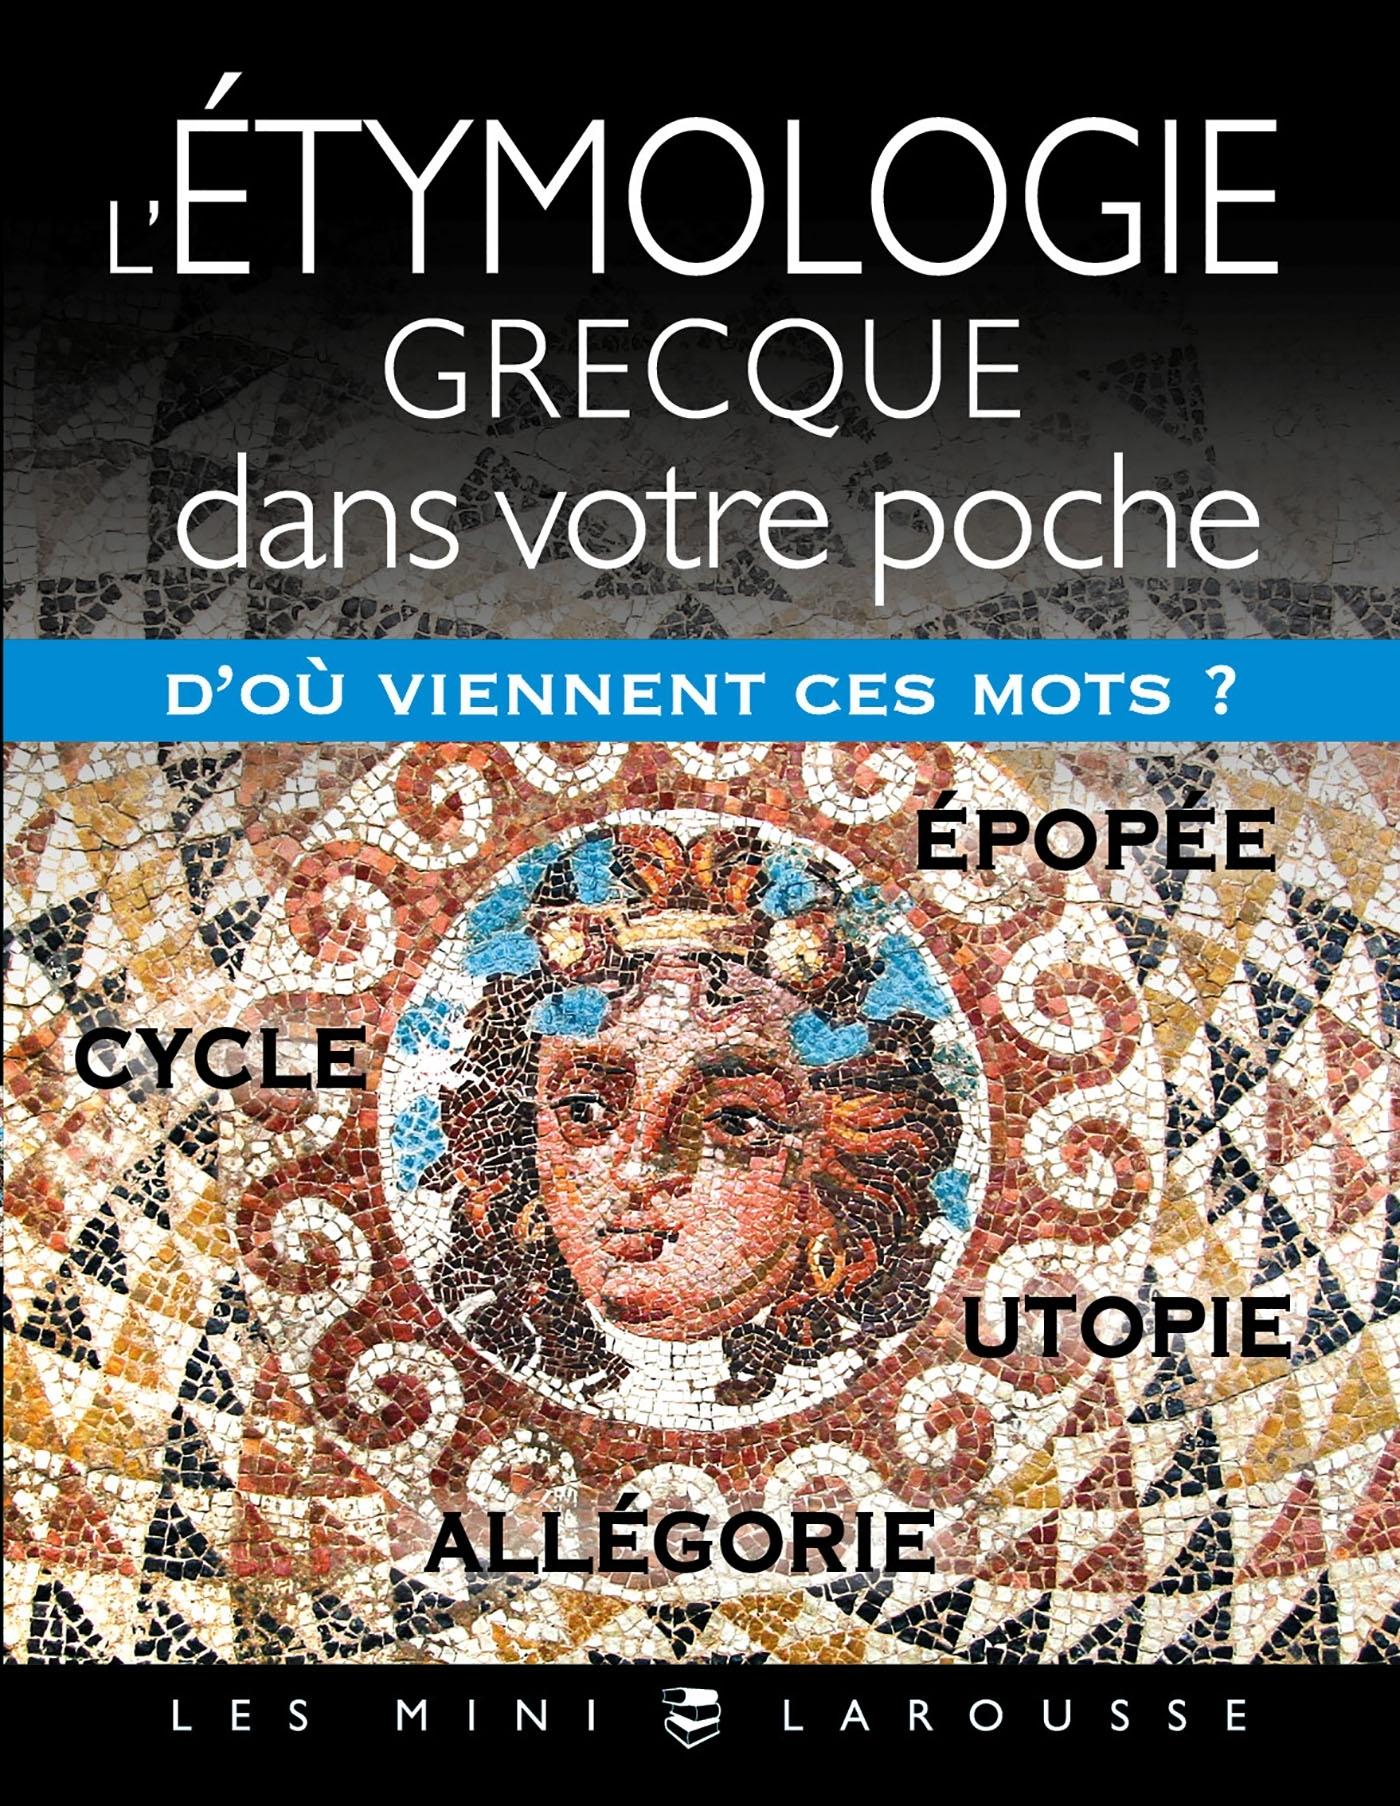 L'ETYMOLOGIE GRECQUE DANS VOTRE POCHE